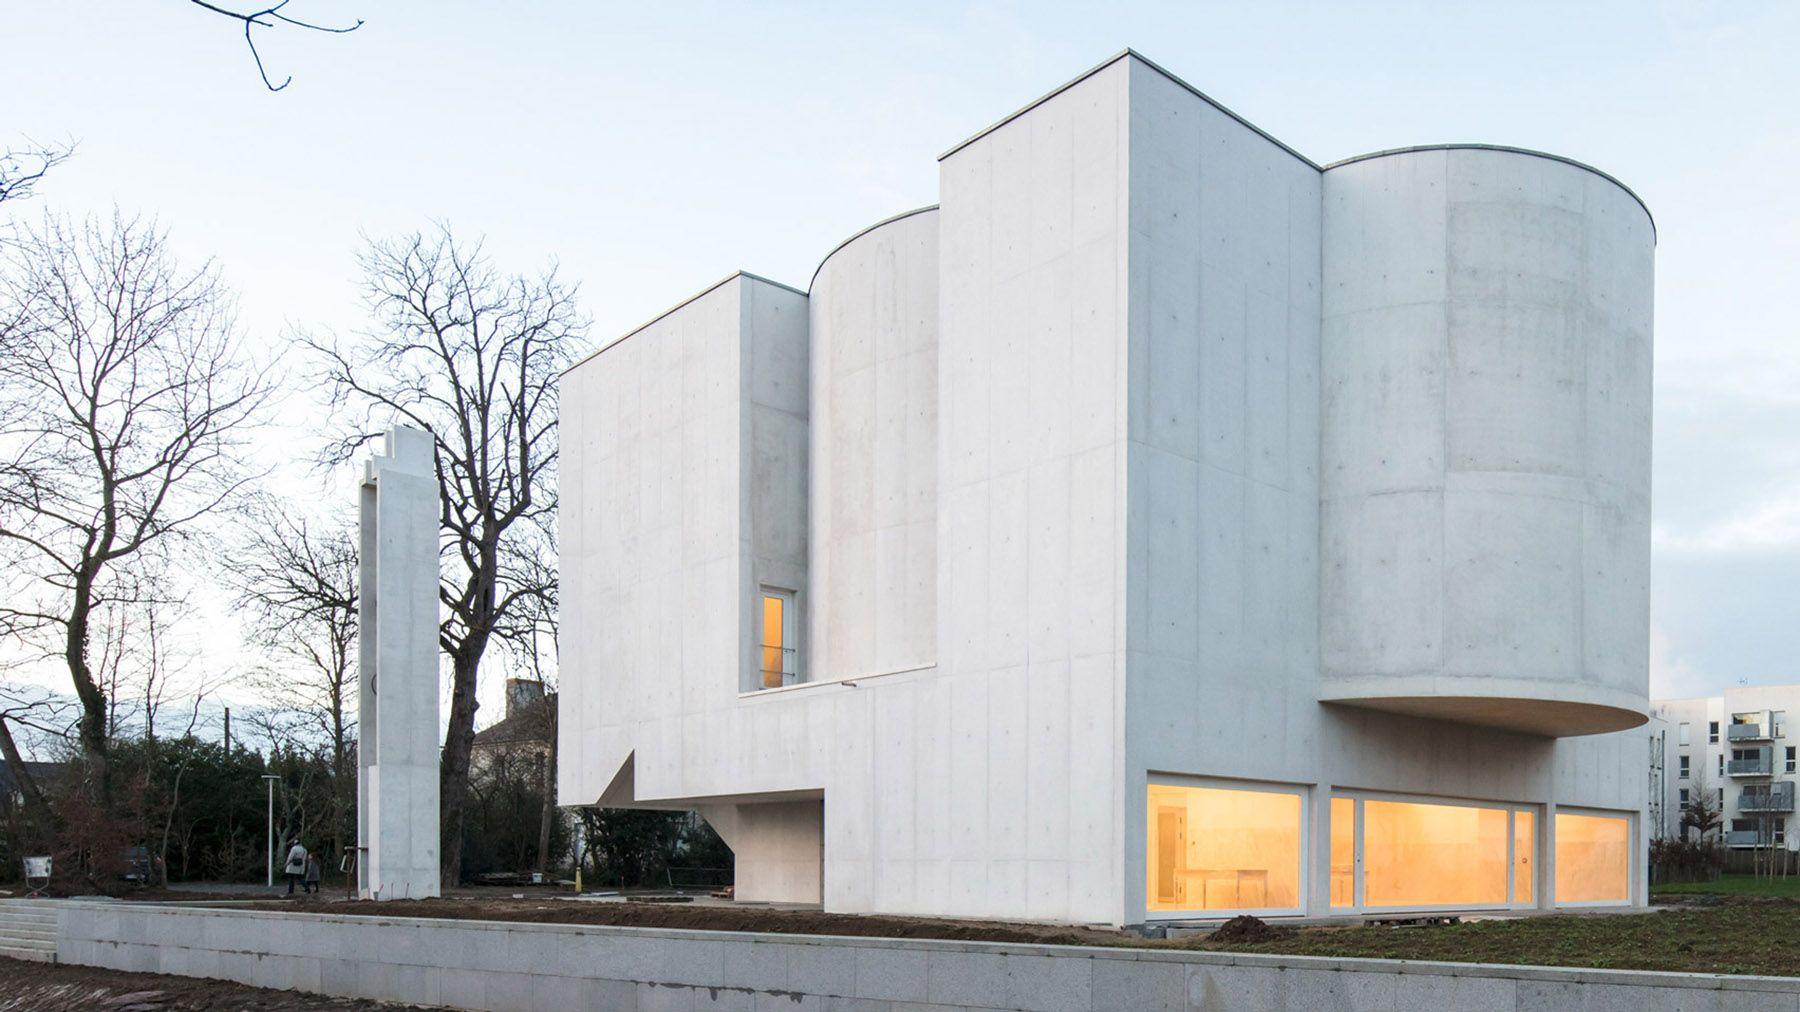 Alvaro Siza Designs A White Concrete Modernist Church Ignant Architecture Alvaro Siza Architecture House